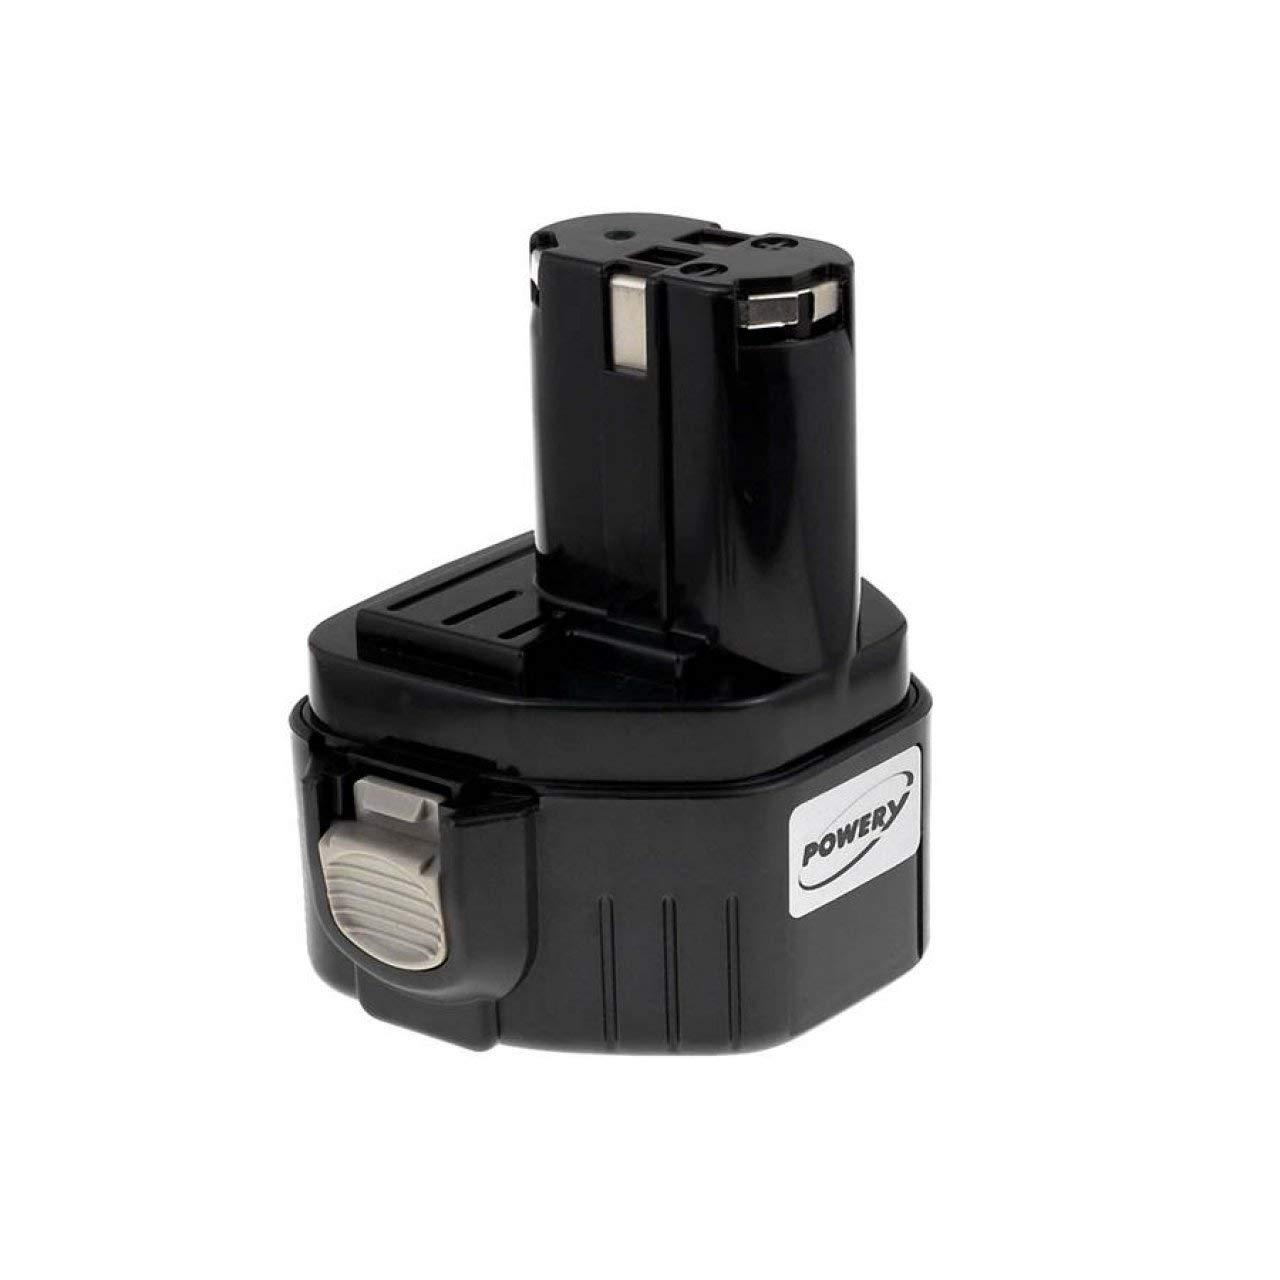 Expulsi/ón de alimentaci/ón Reset Interruptor t/áctil PCB Junta con Flex Ribbon Cable para PS3/Playstation 3/Fat csw-001/repuesto